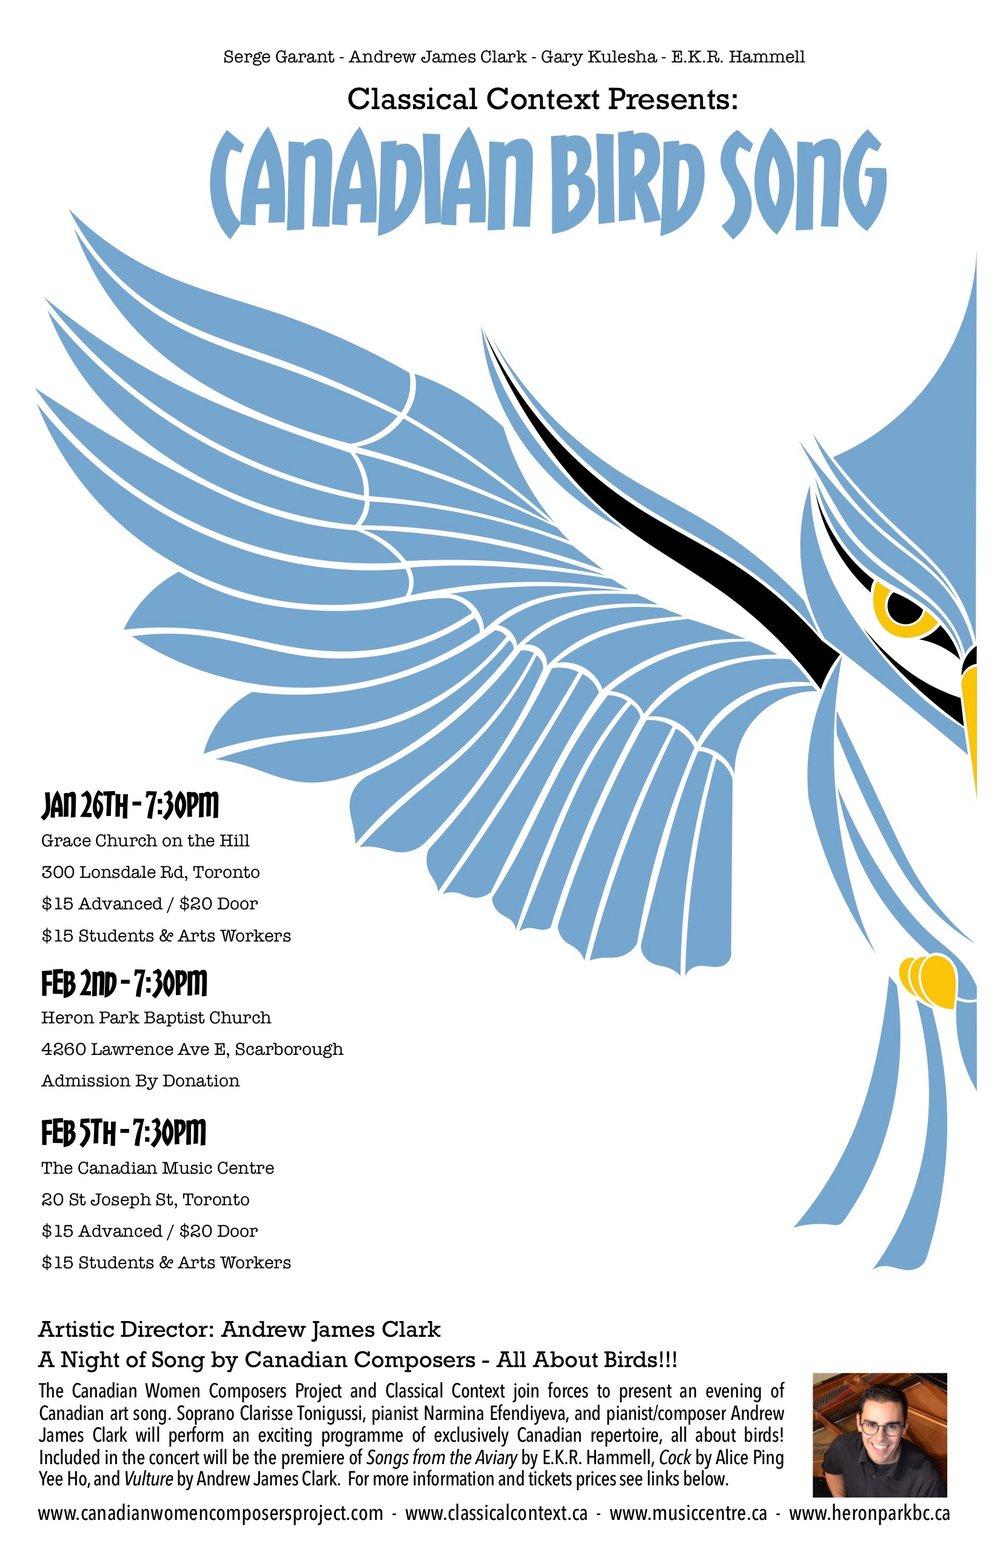 Canadian Bird Song